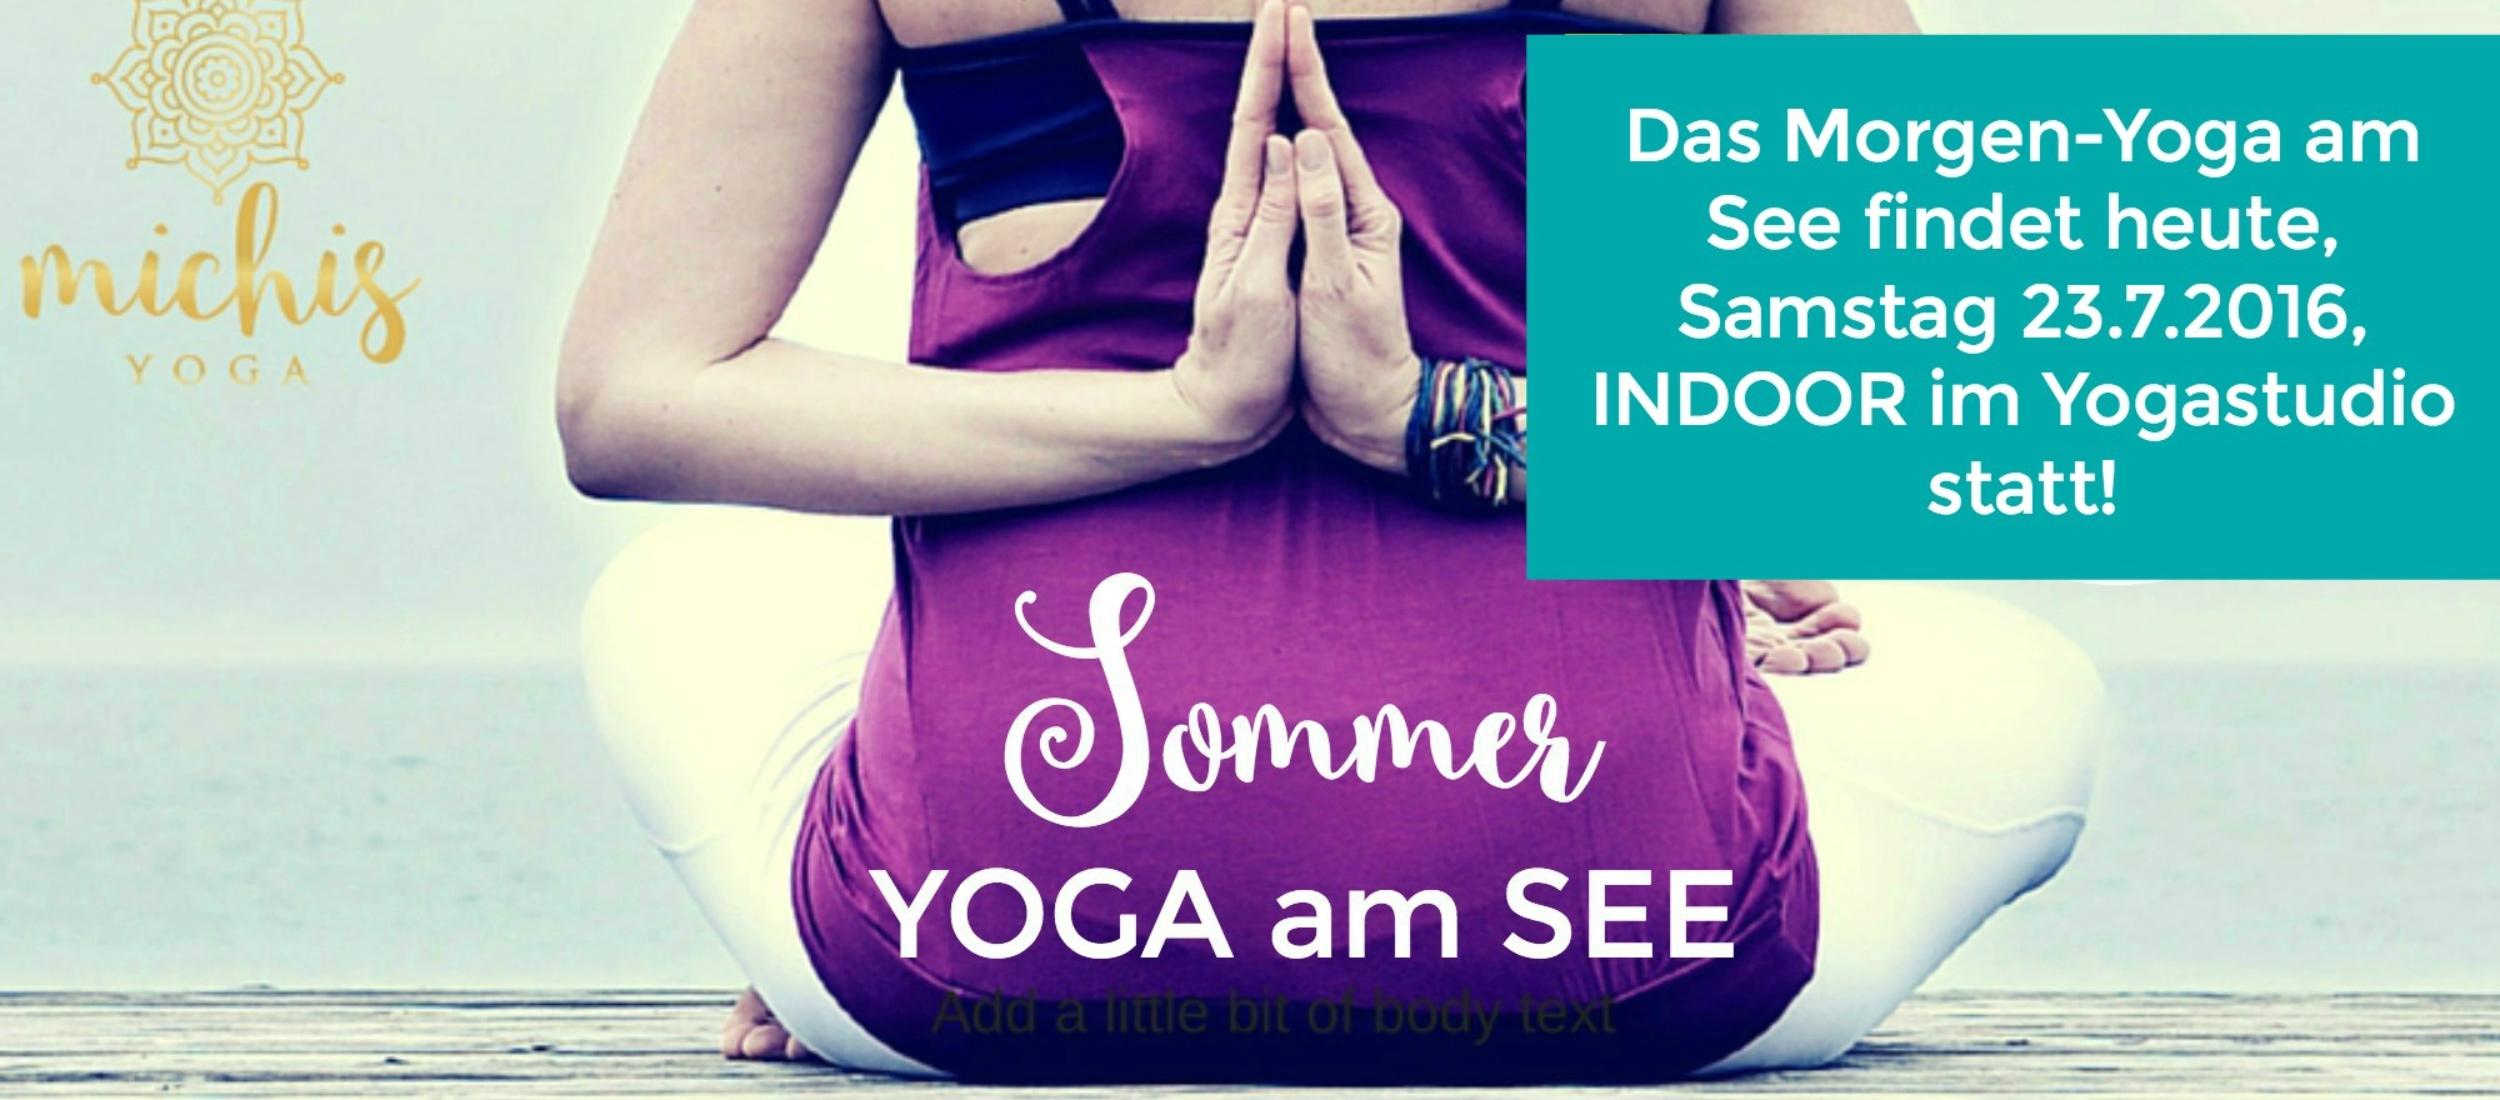 yoga am see header indoor 23.7.16